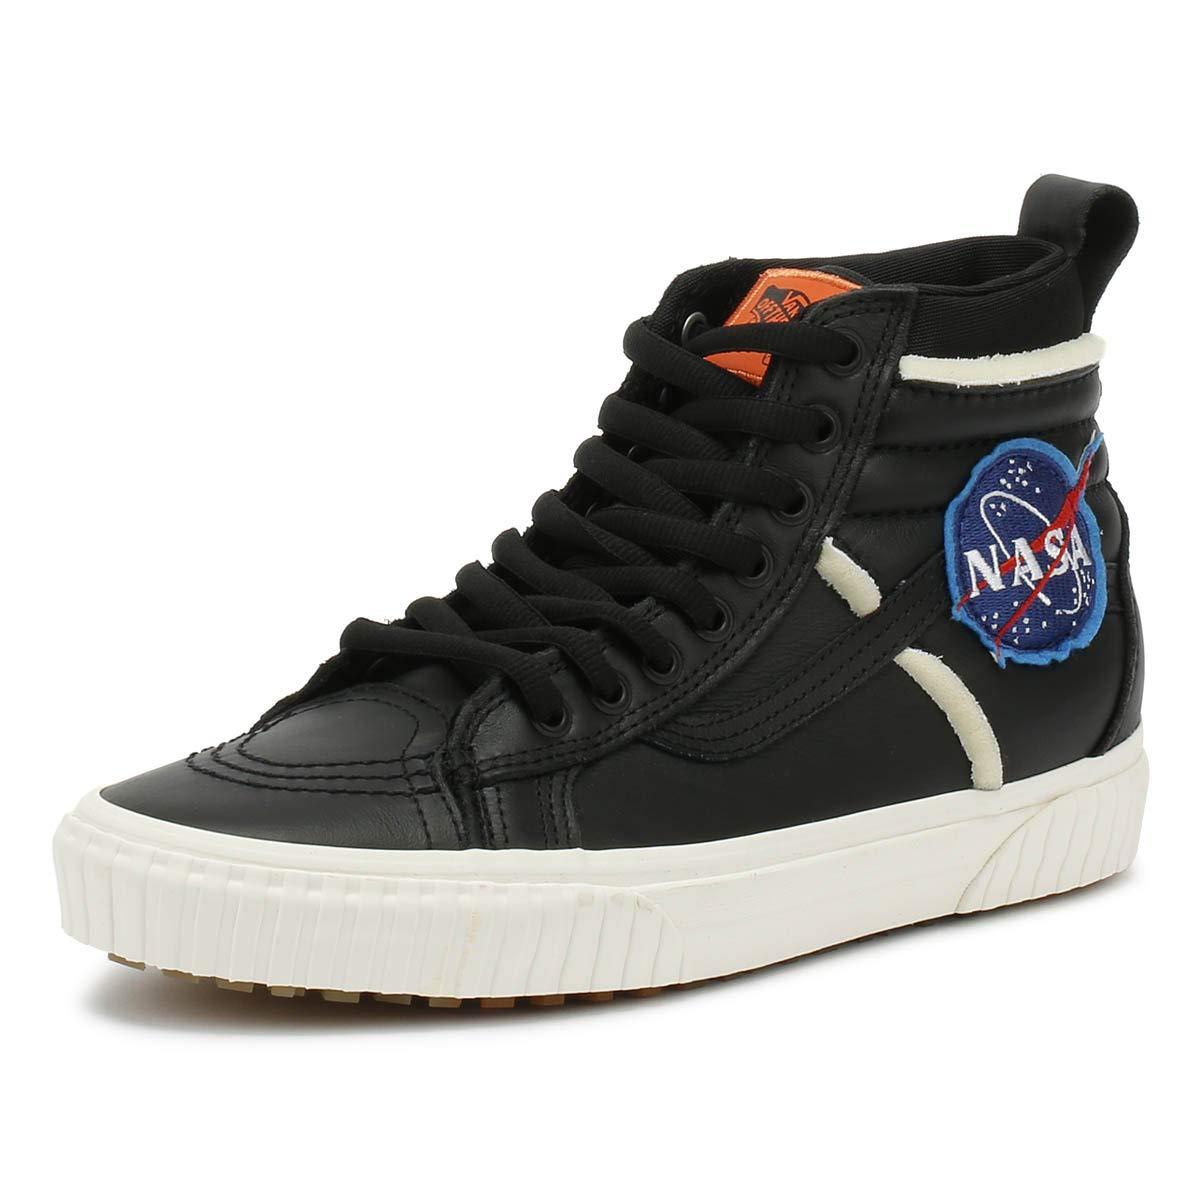 Amazon.com: Vans x NASA: Shoes